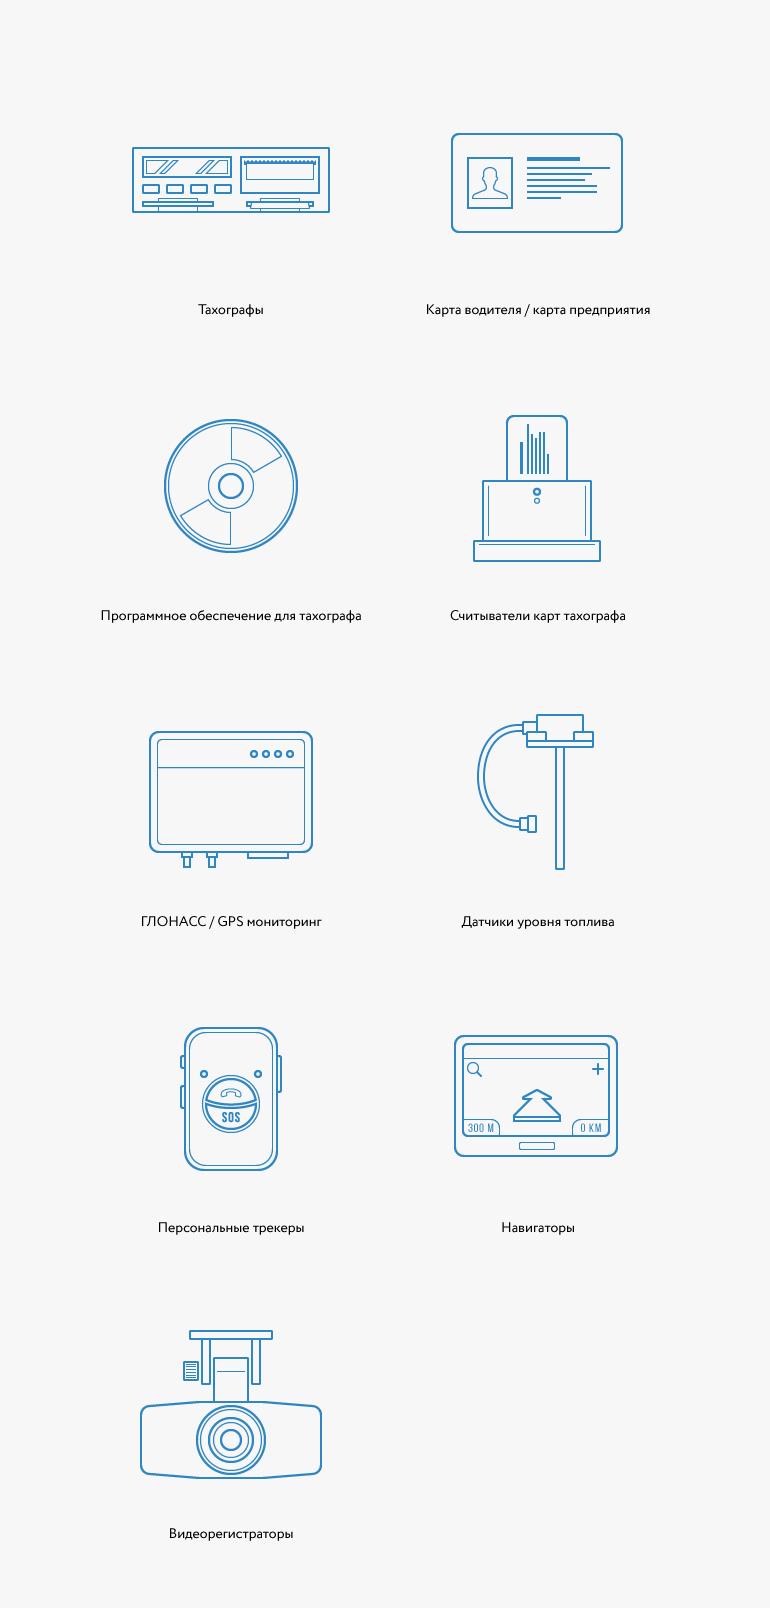 Системы, оборудование, ГЛОНАСС • Линии • 9 шт.